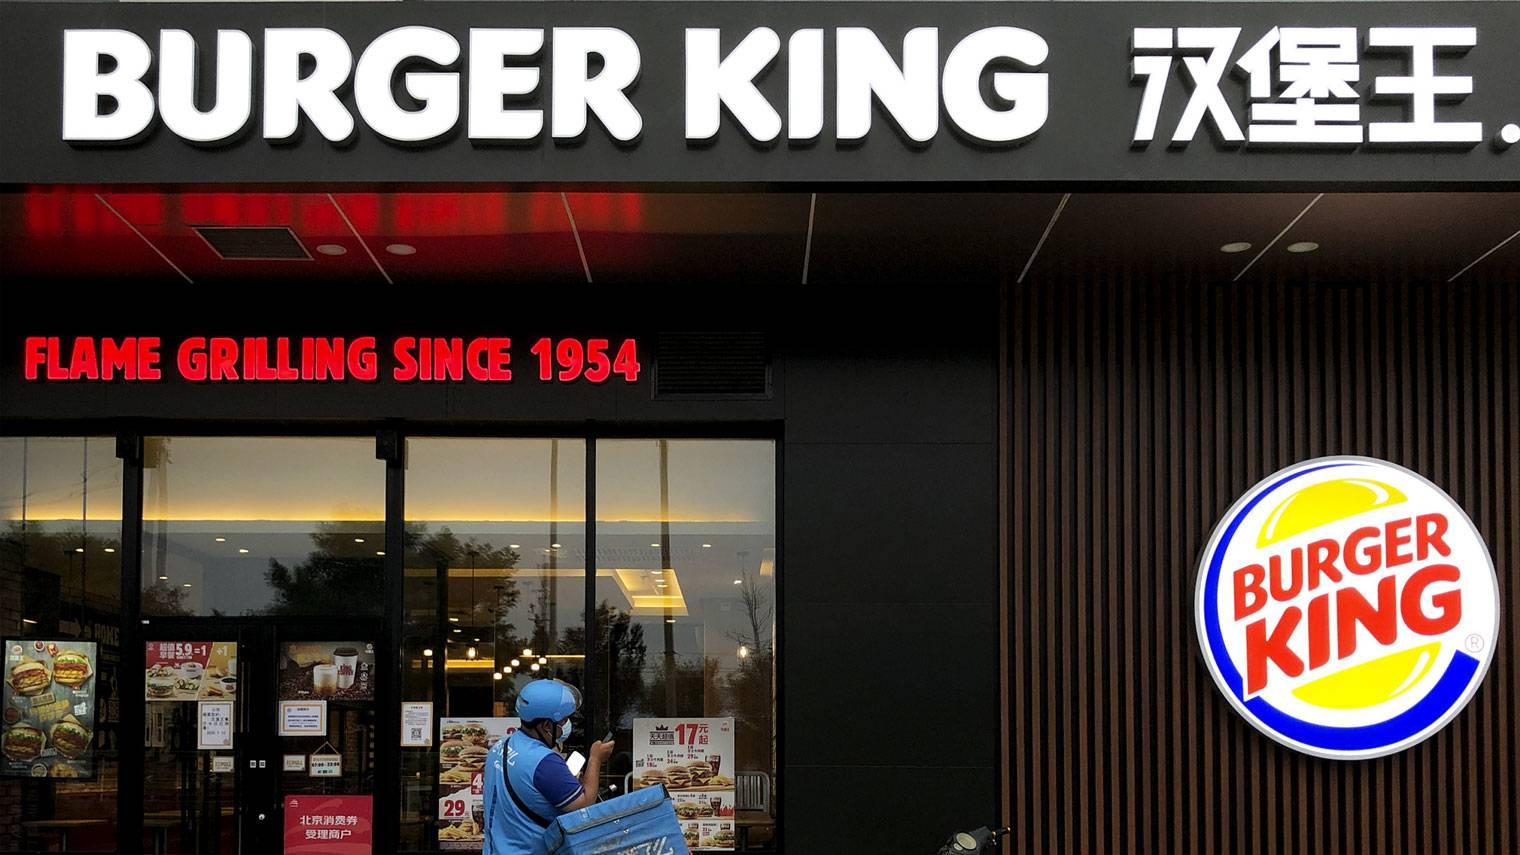 面对315的危机公关,汉堡王能超越麦当劳吗?